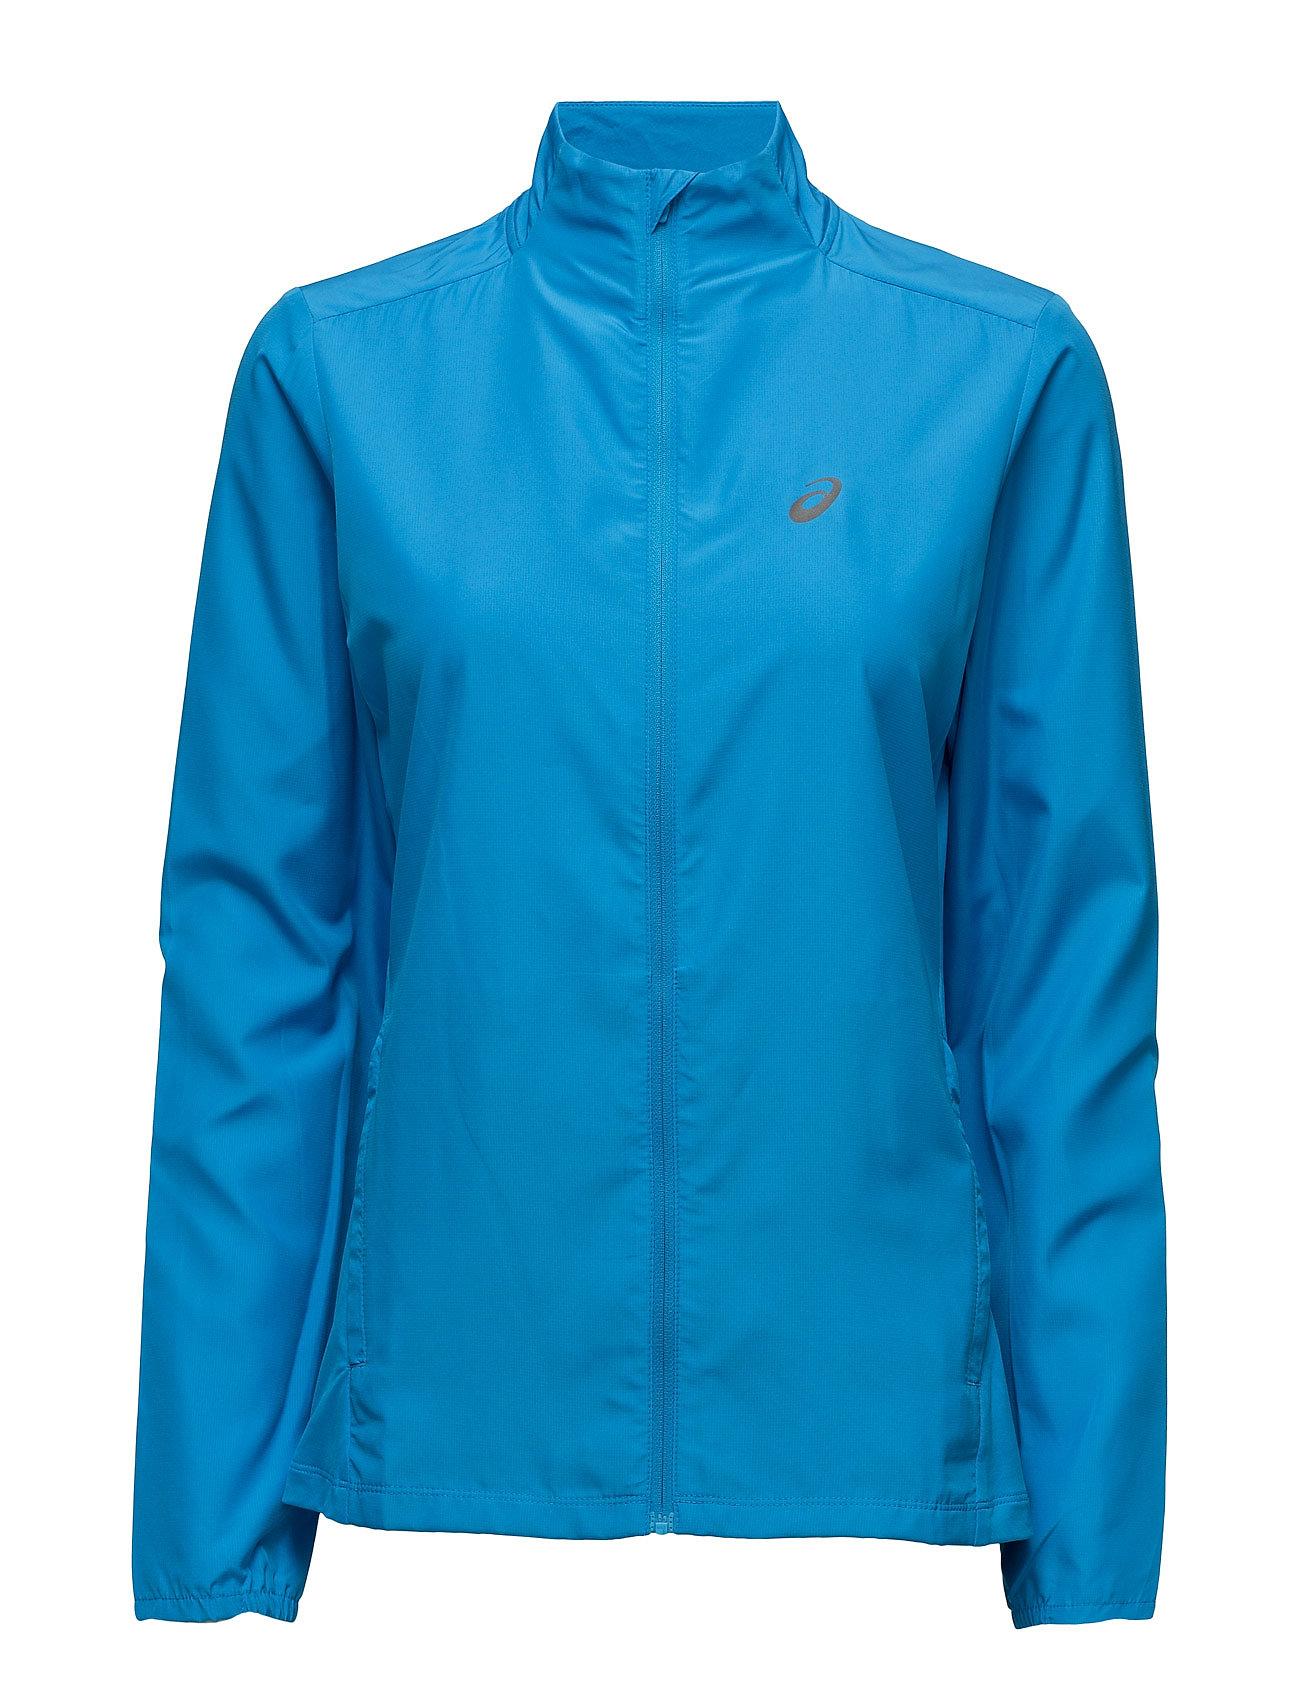 Jacket Asics Sports toppe til Kvinder i